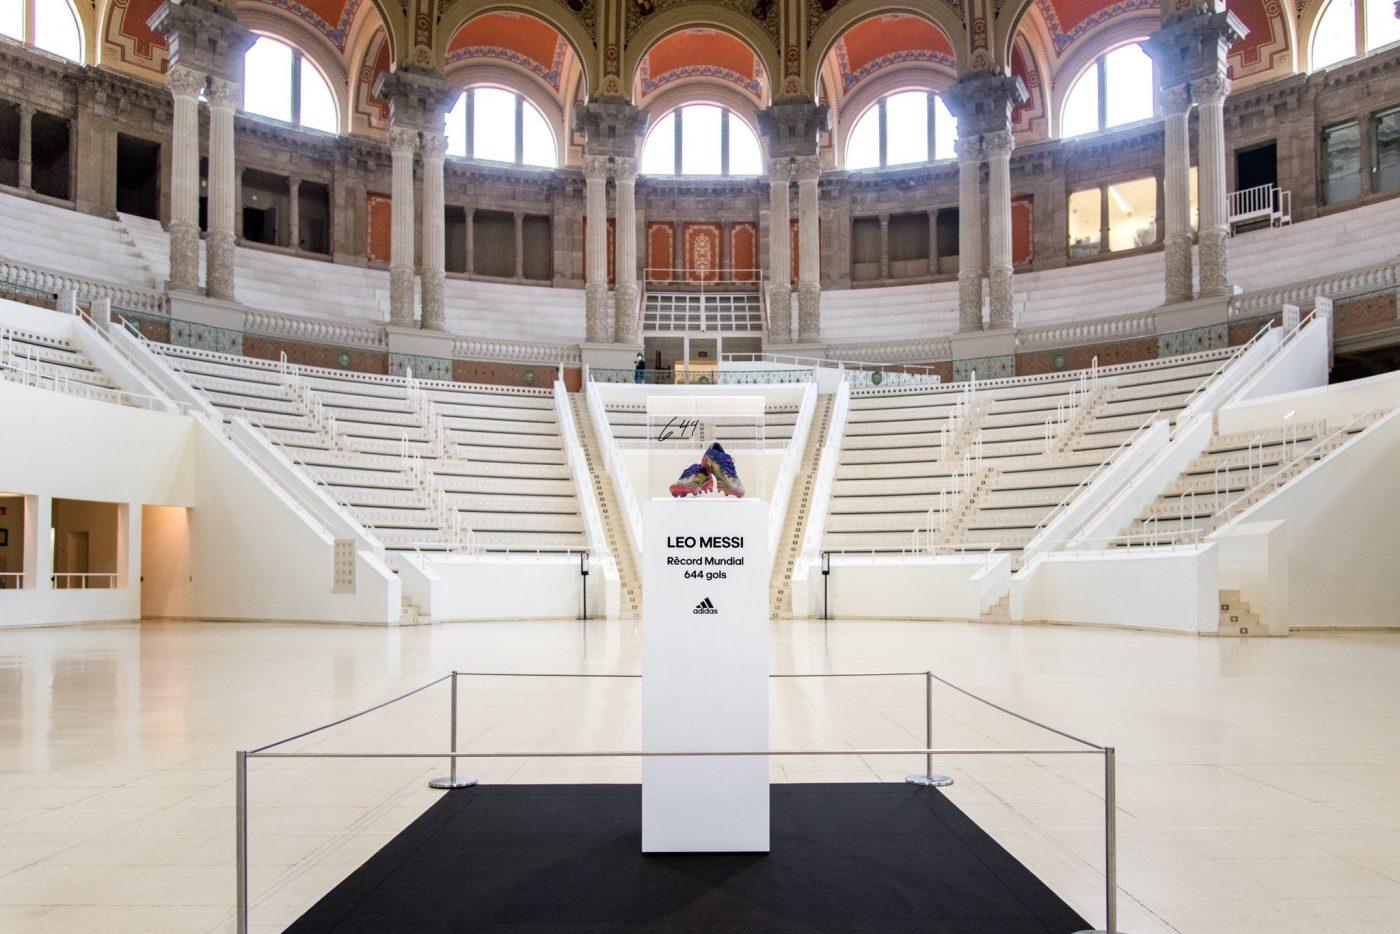 crampons-messi-644-buts-exposés-dans-un-musee-et-vendus-aux-encheres-1